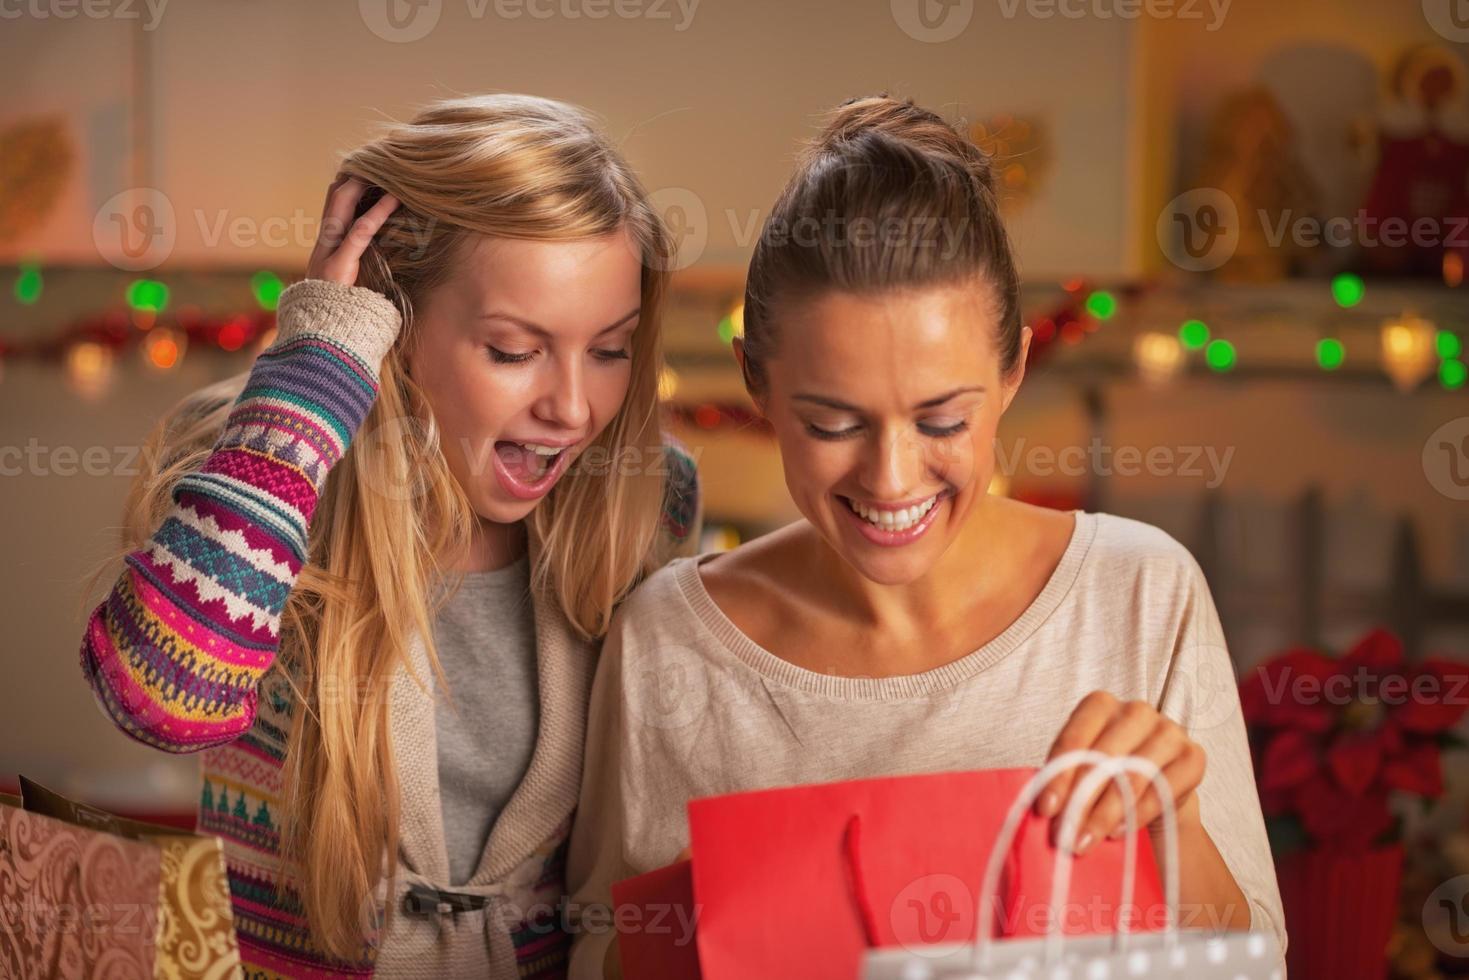 glückliche zwei Freundinnen, die Taschen nach dem Einkauf erforschen foto